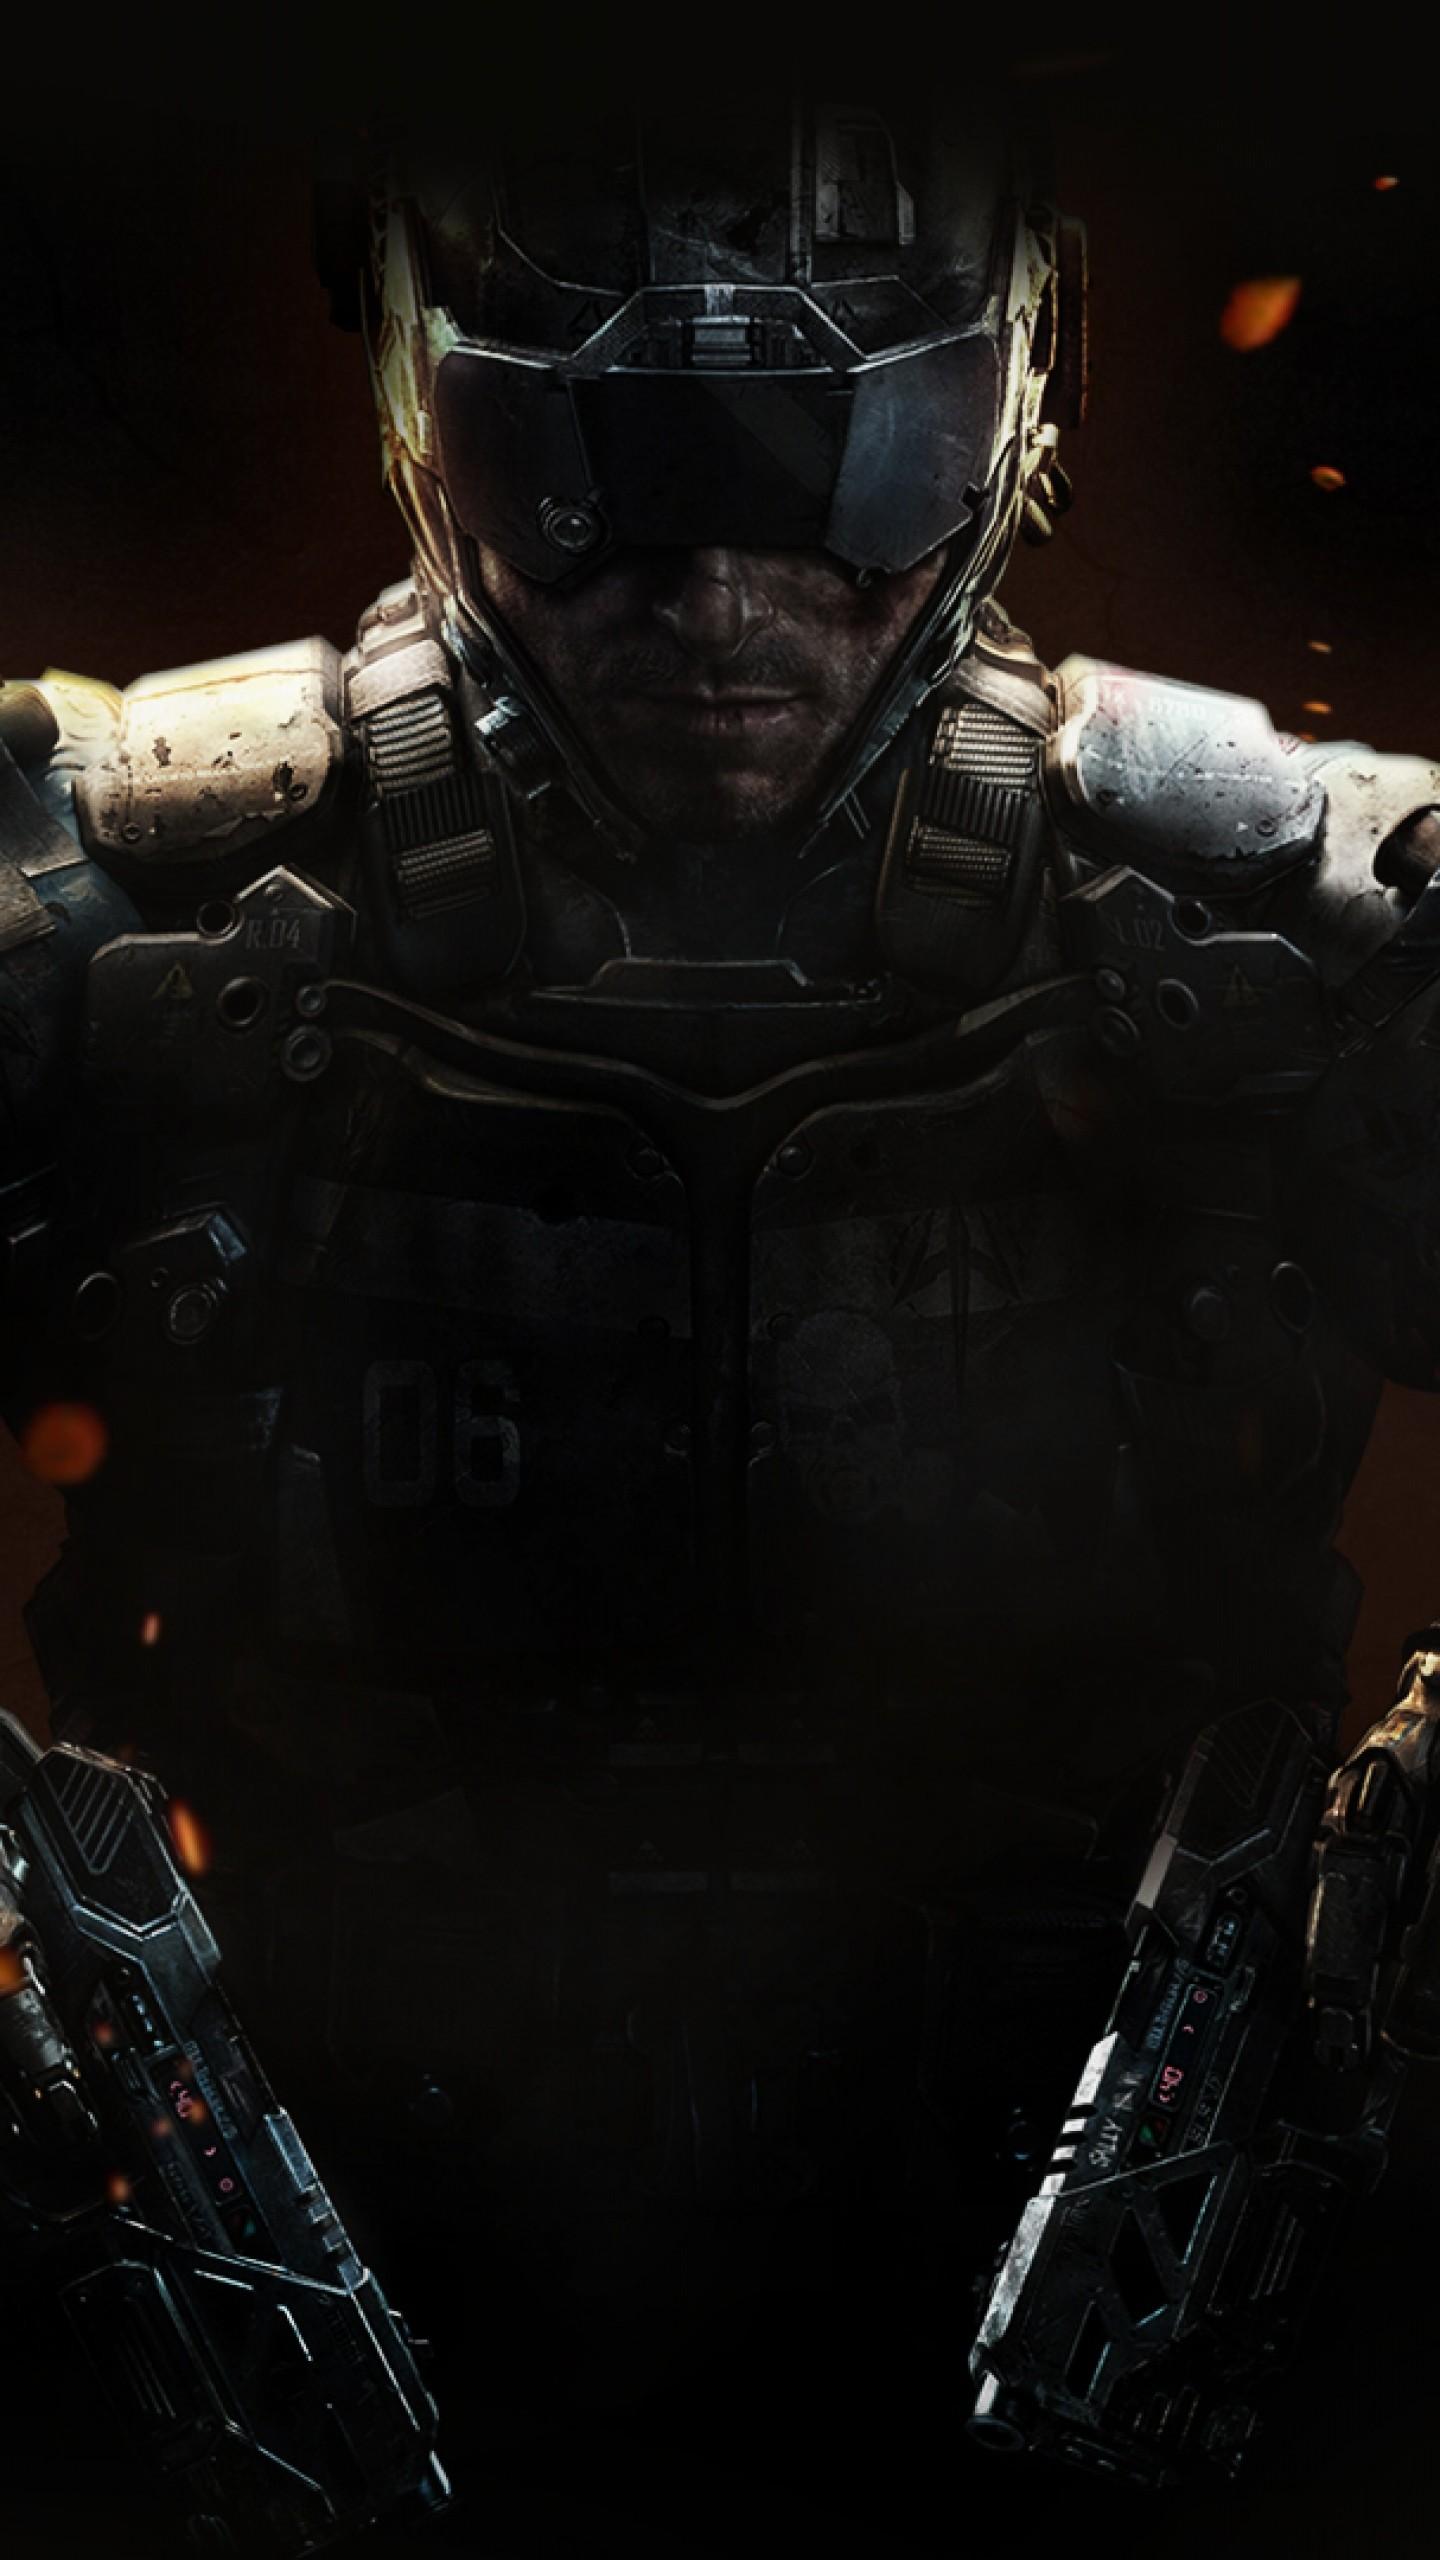 Hd Call Of Duty Black Ops 3 Iphone 6 Wallpaper Wallpaper Cumi